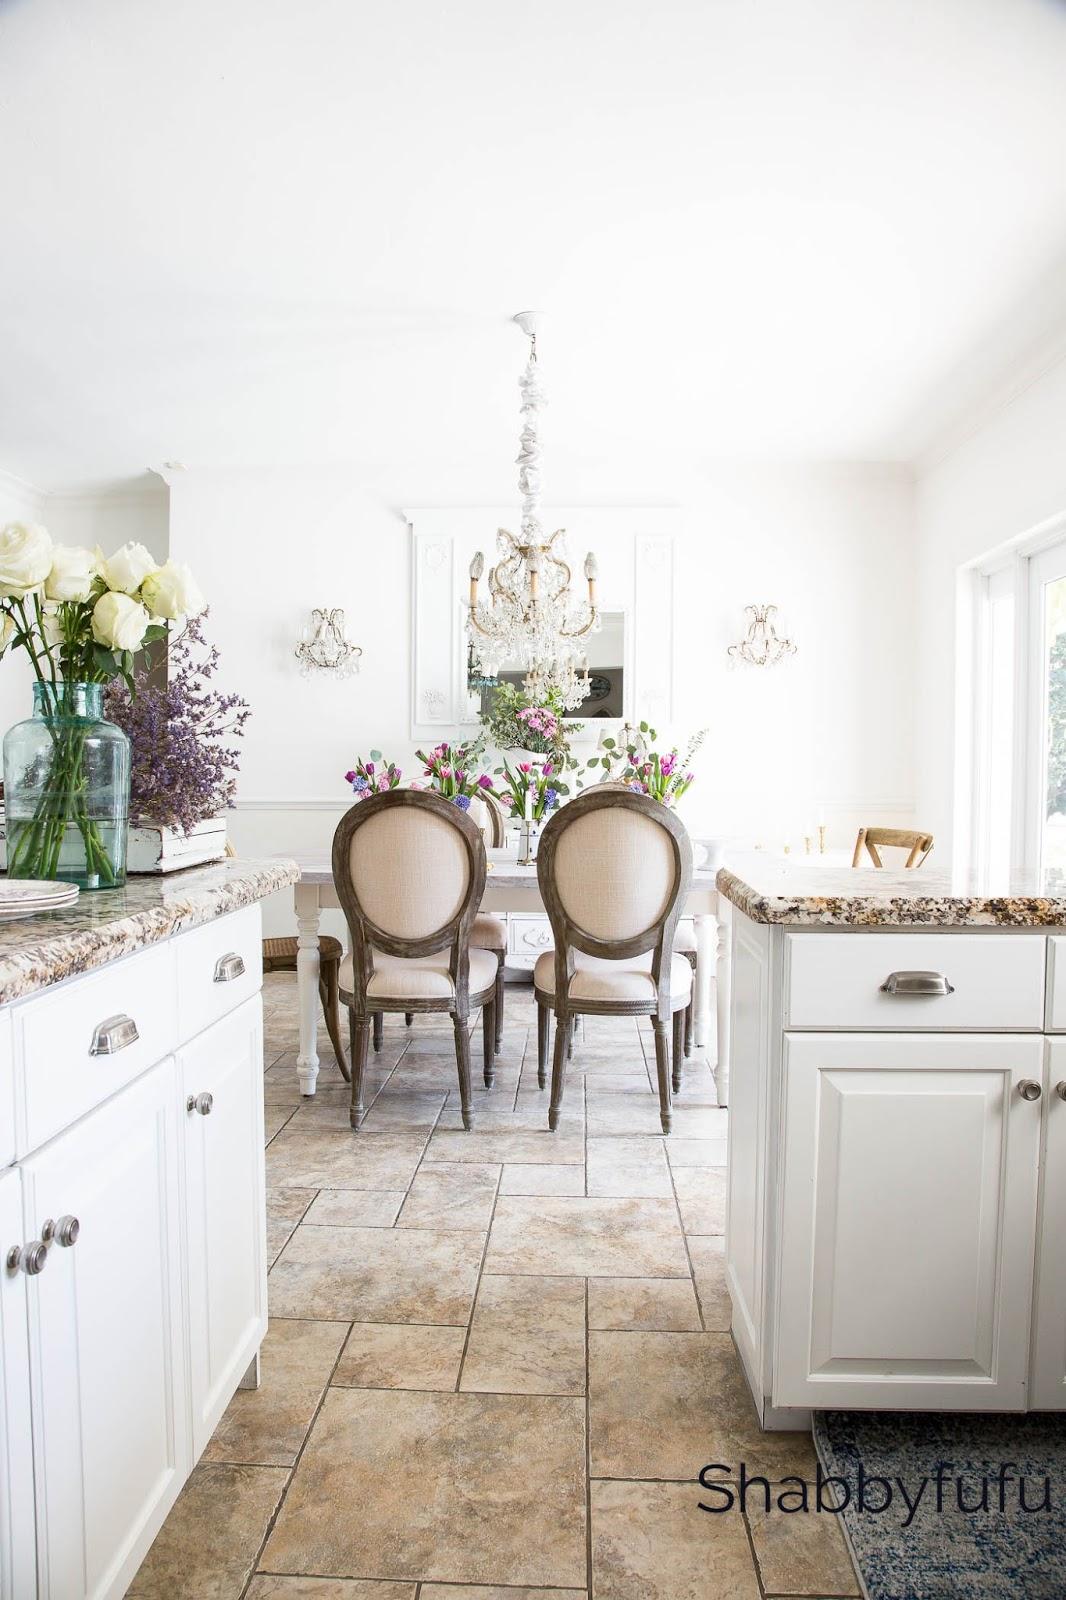 french-farmhouse-kitchen-dining-room-shabbyfufu